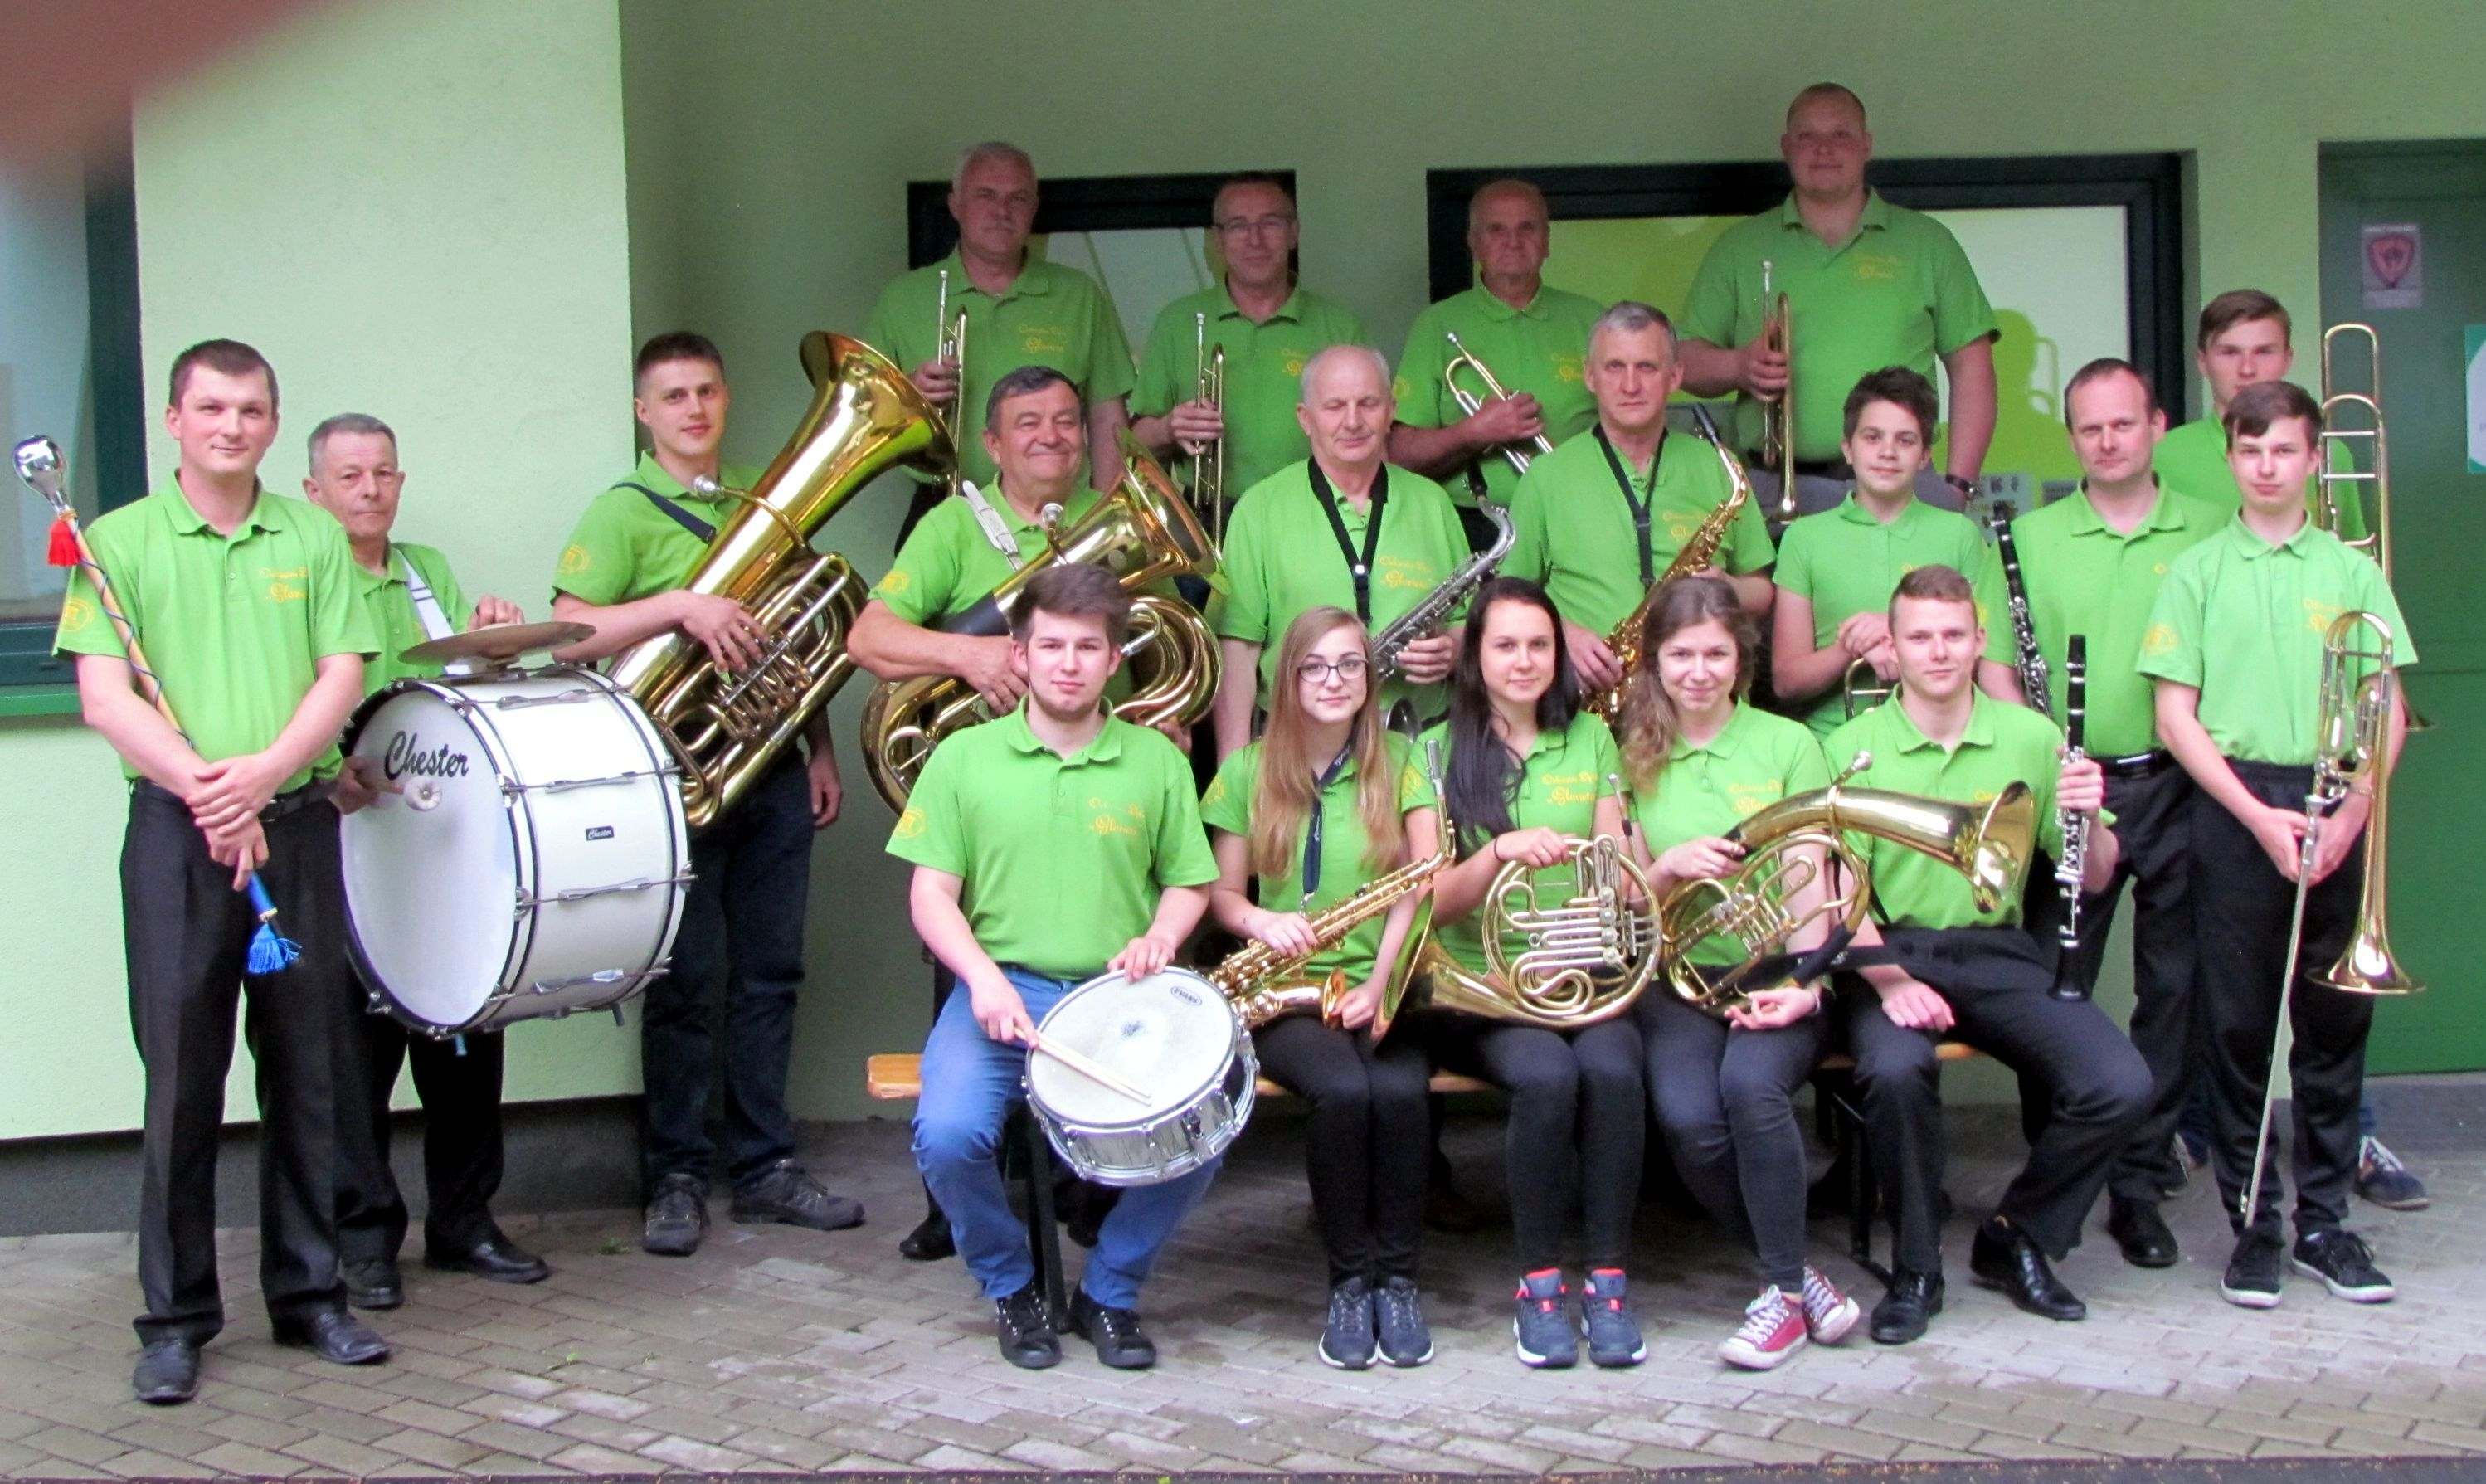 Muzycy Orkiestry Dętej Glorieta z instrumentami, stojący przed budynkiem biura Ośrodka Promocji Gminy Jaworze